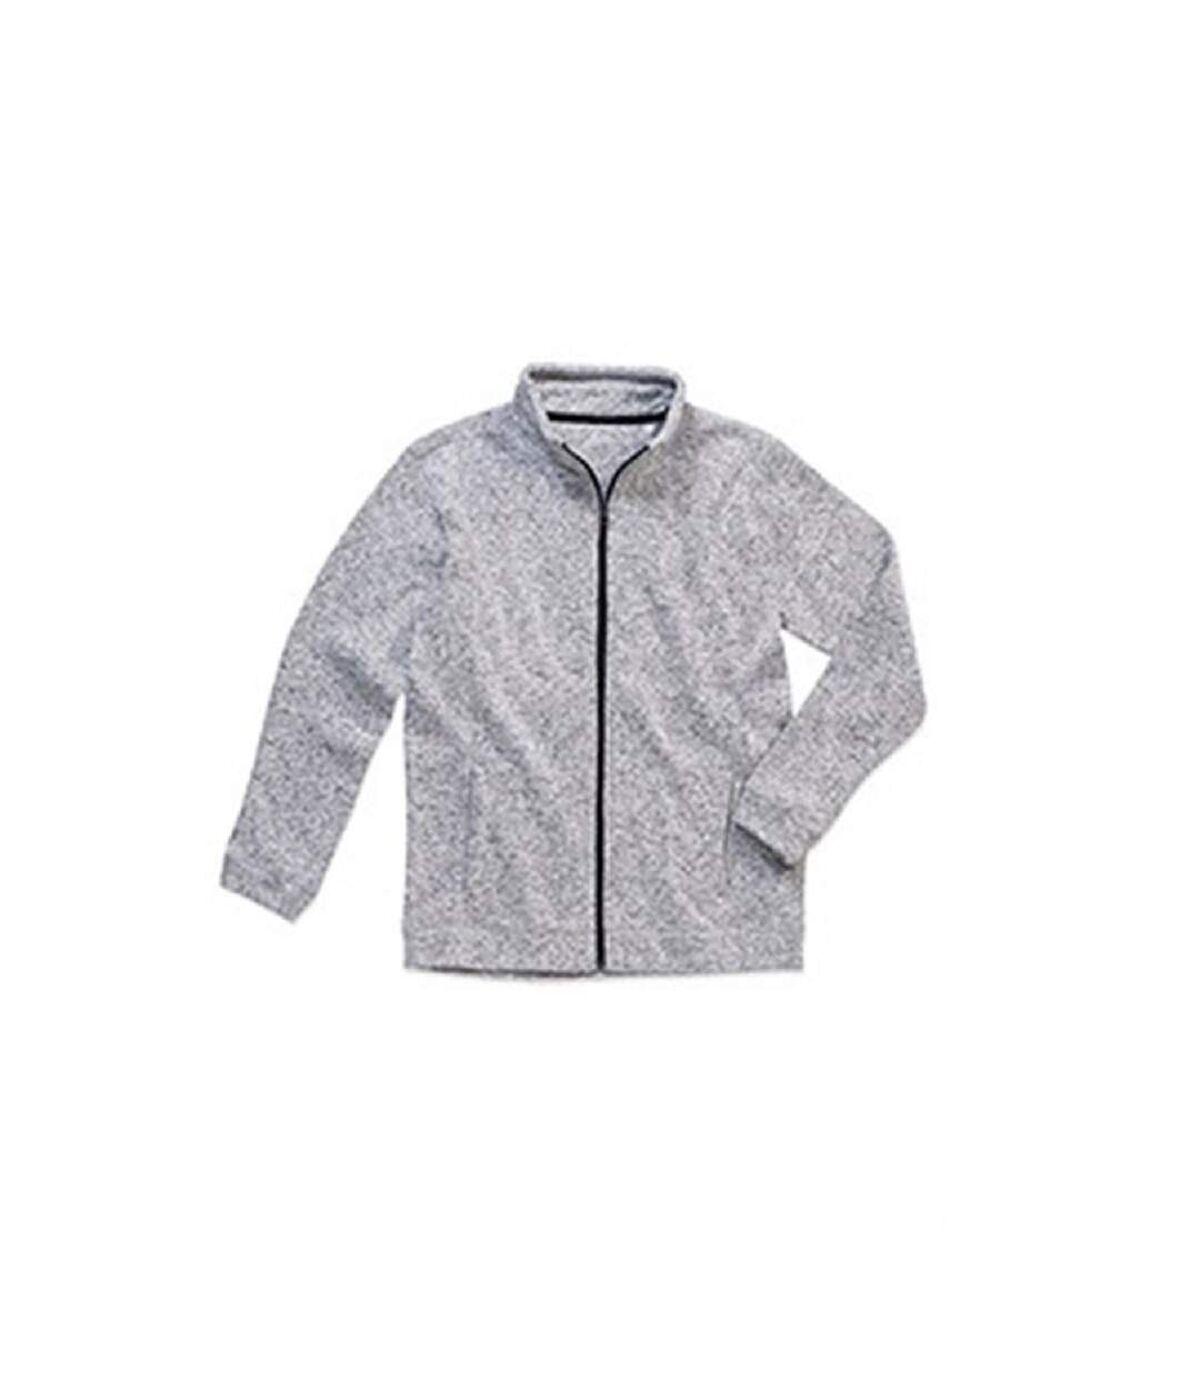 Stedman - Polaire tricotée  ACTIVE - Homme (Gris clair chiné) - UTAB328